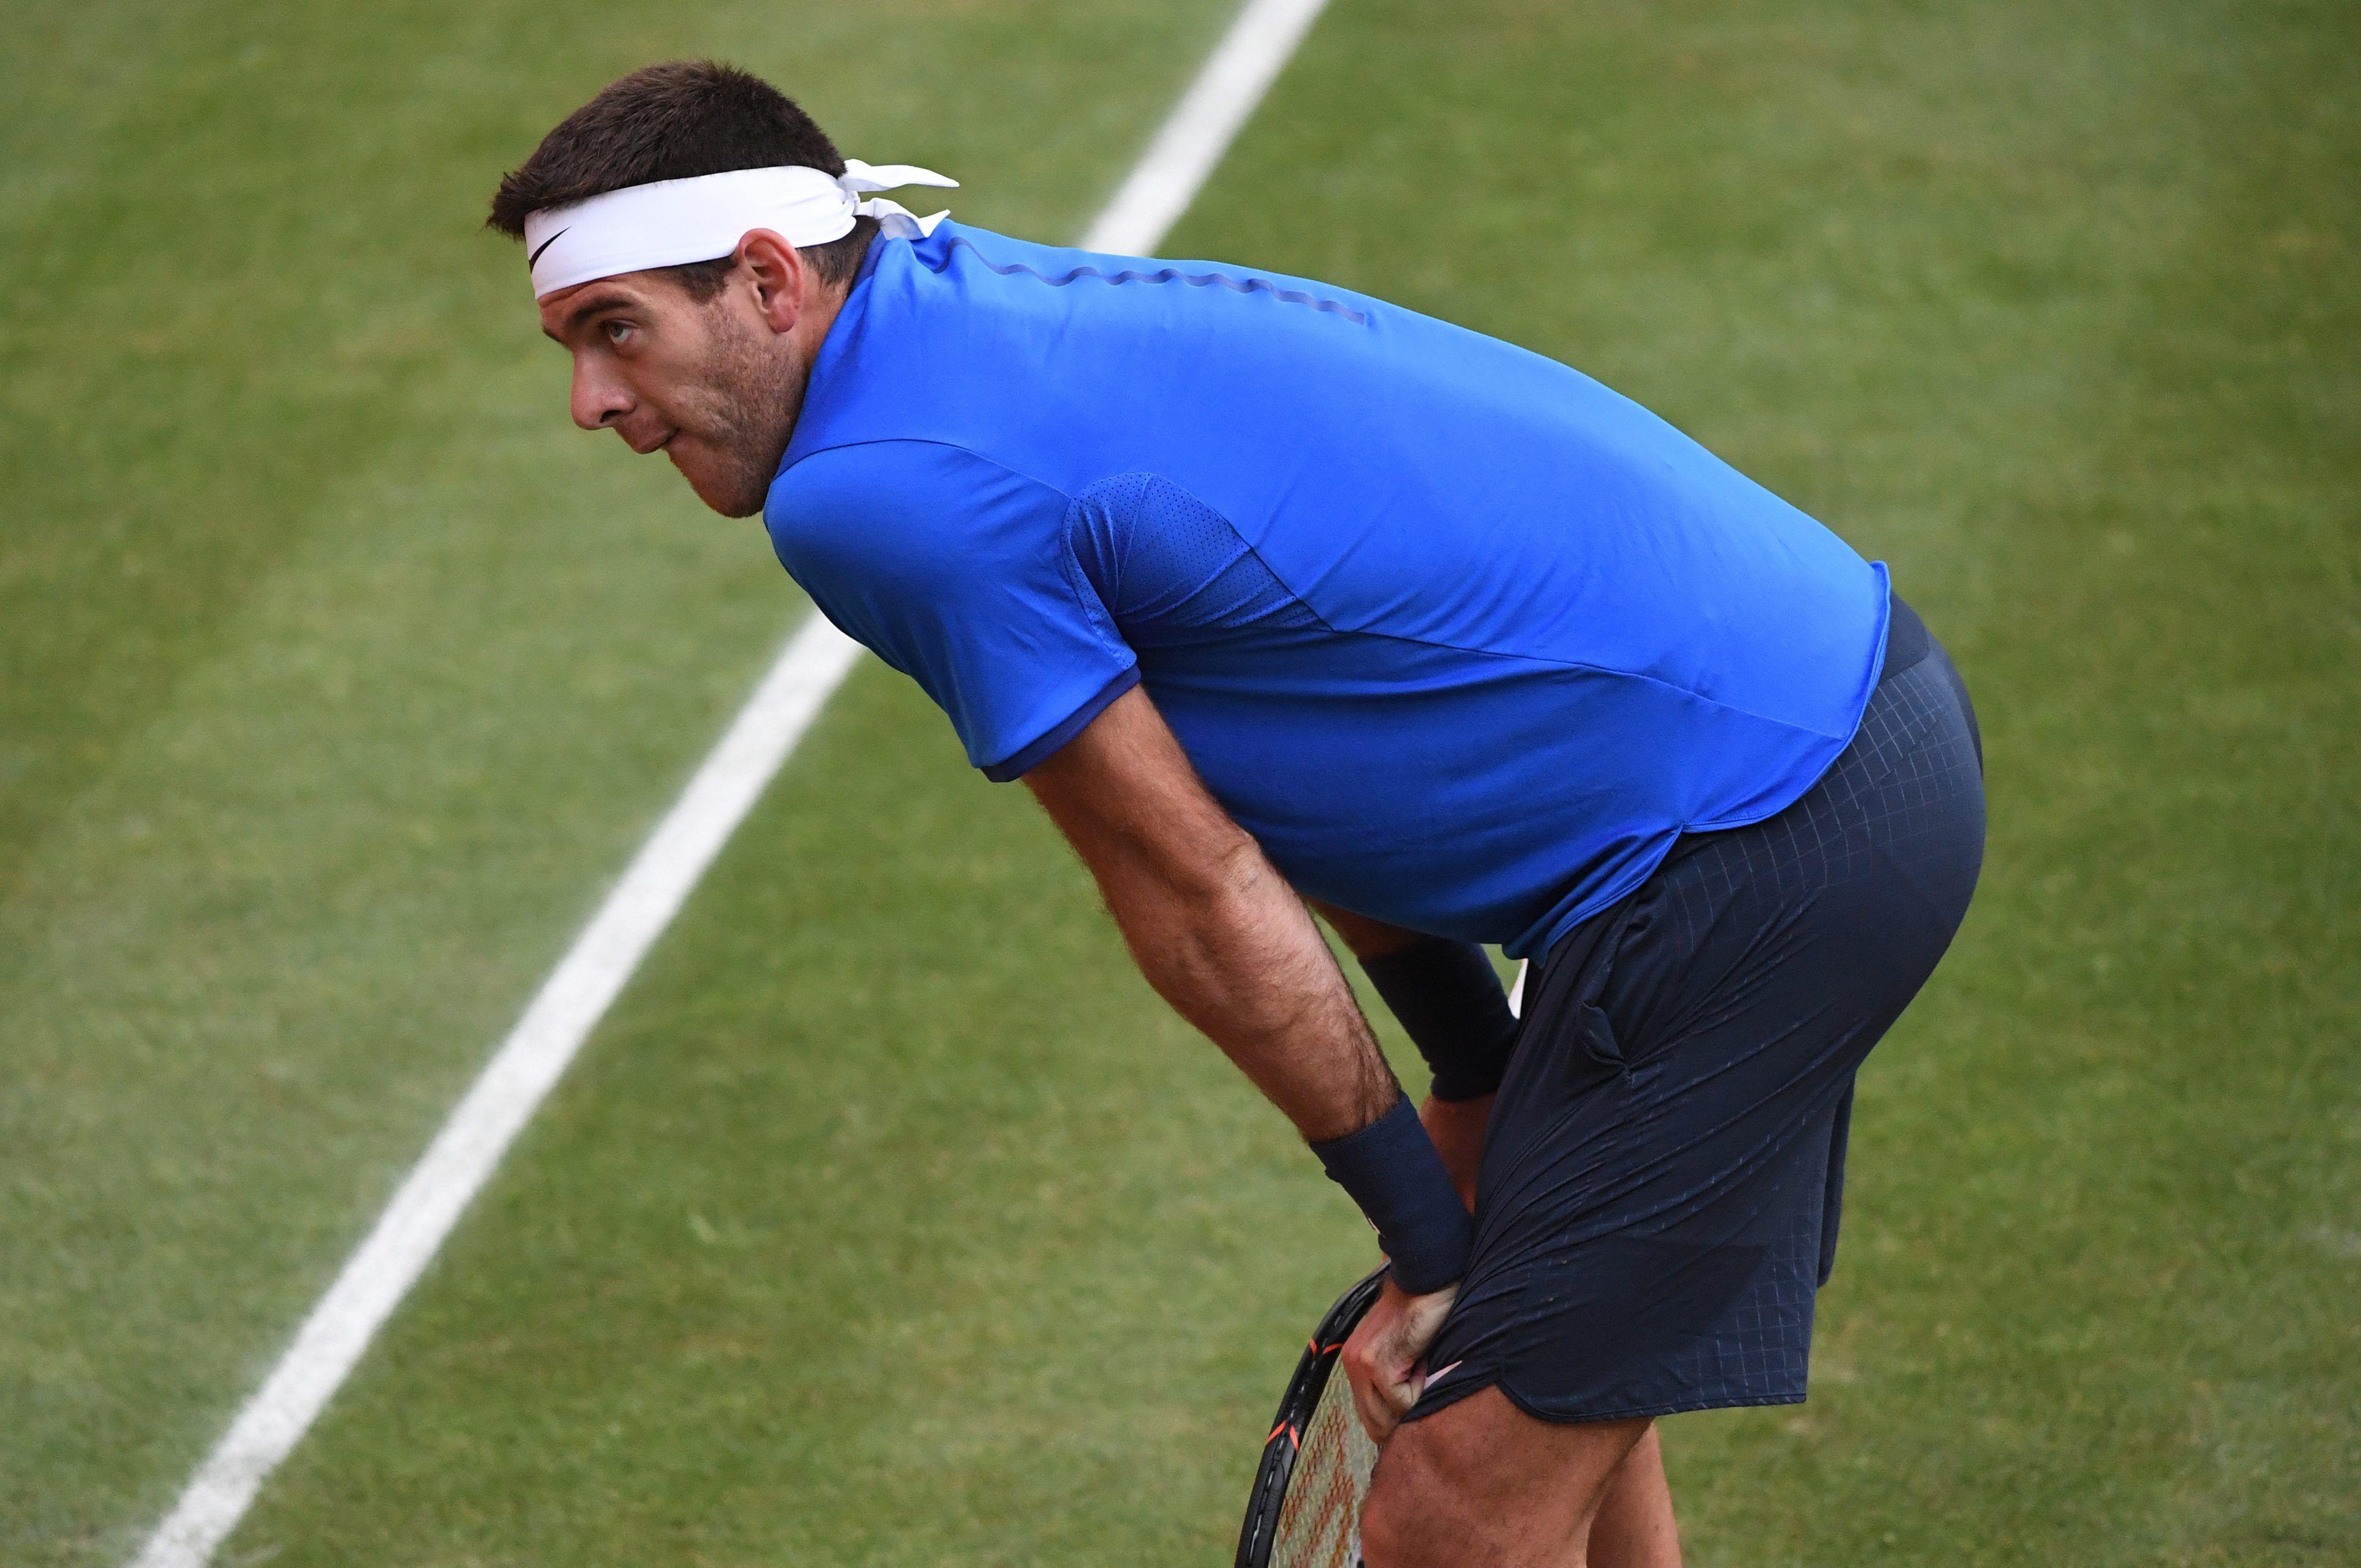 Sigue escalando: Del Potro trepó 57 puestos en el ranking ATP